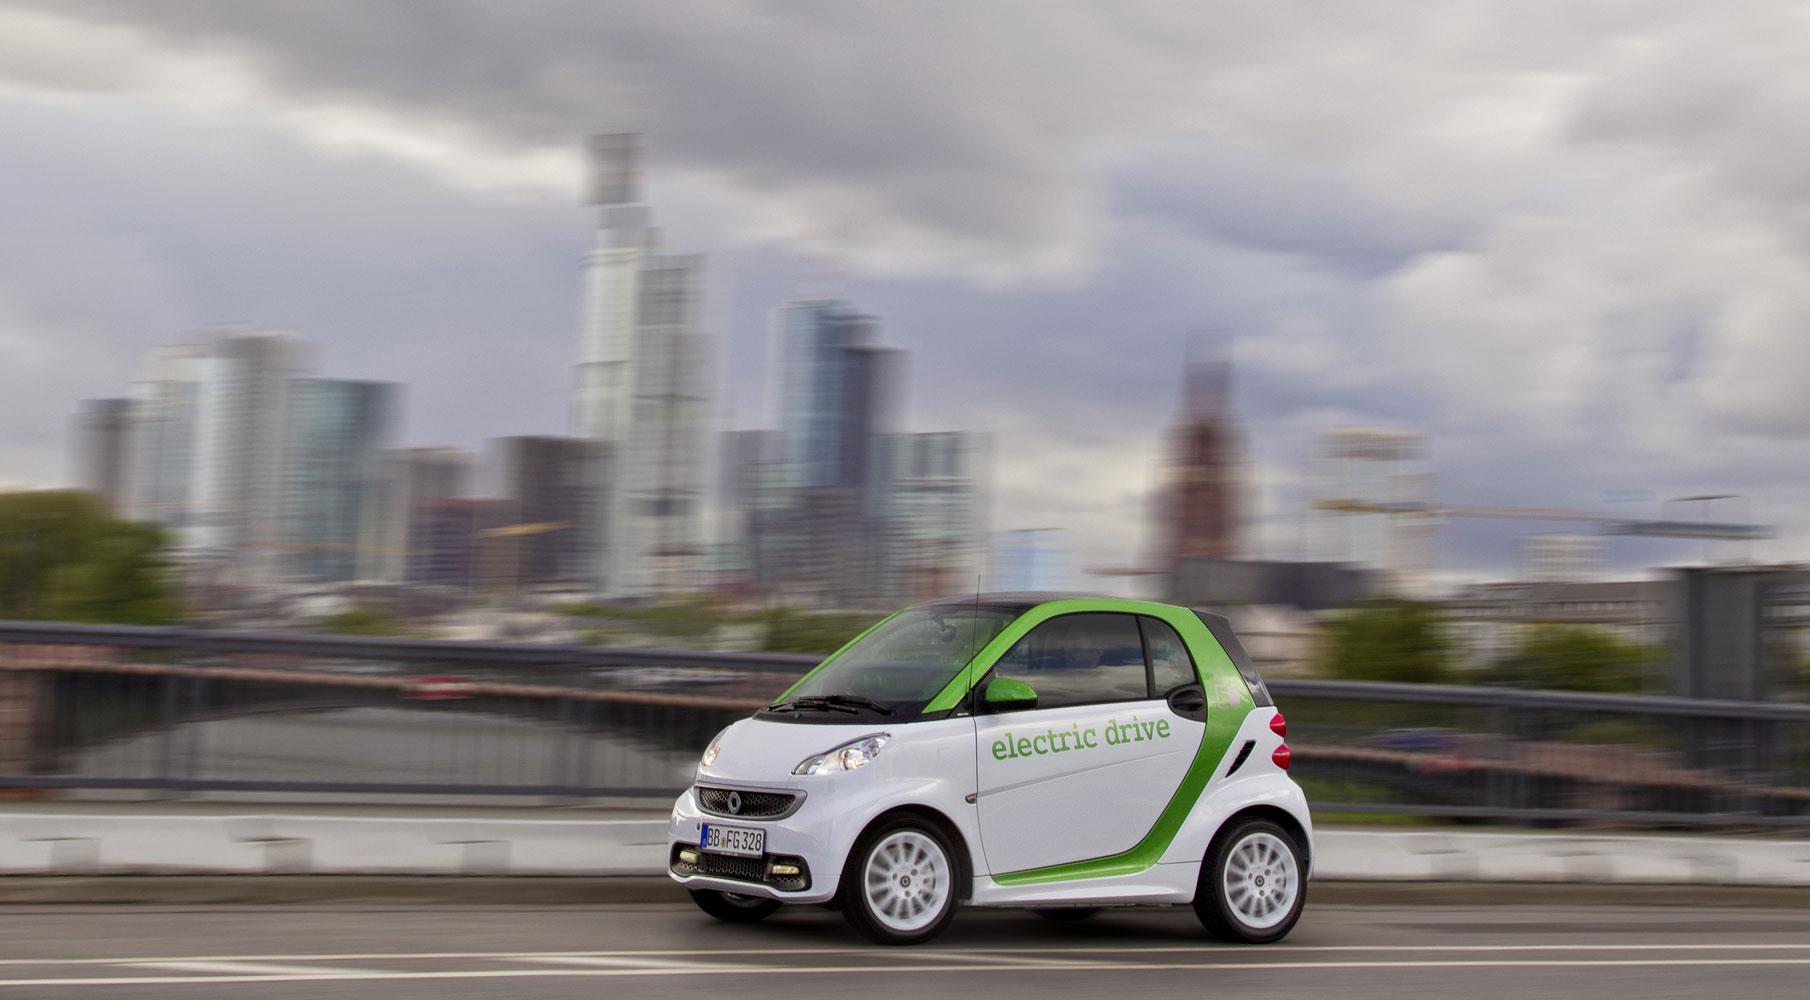 UK: Über 40% würden ein Elektrofahrzeug kaufen